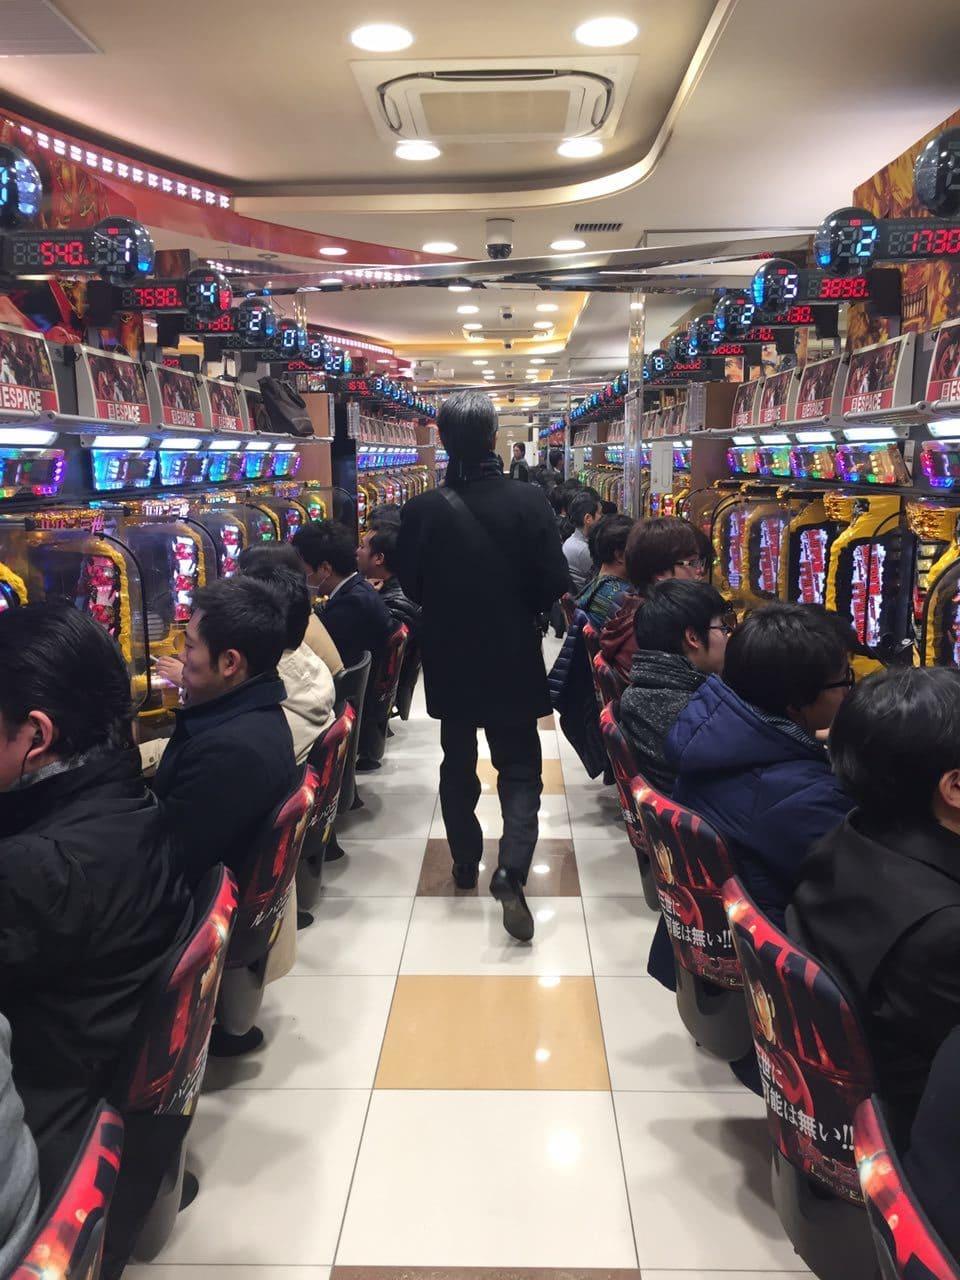 Centro de Pachinko en Japón